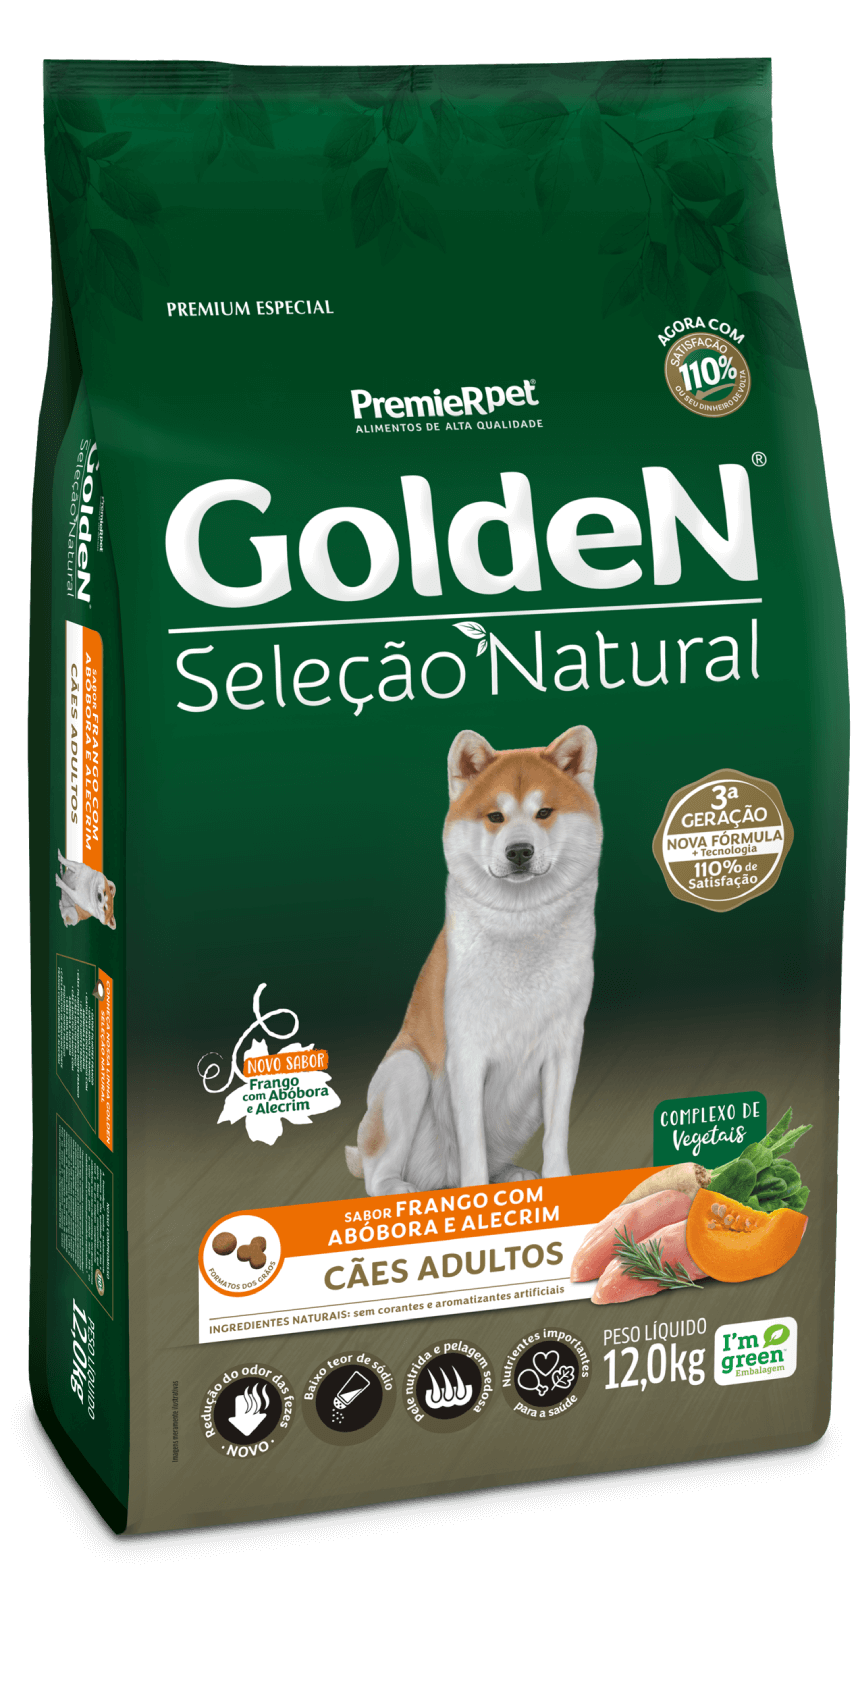 Ração Golden Seleção Natural Cães Adultos - Frango com Abóbora e Alecrim